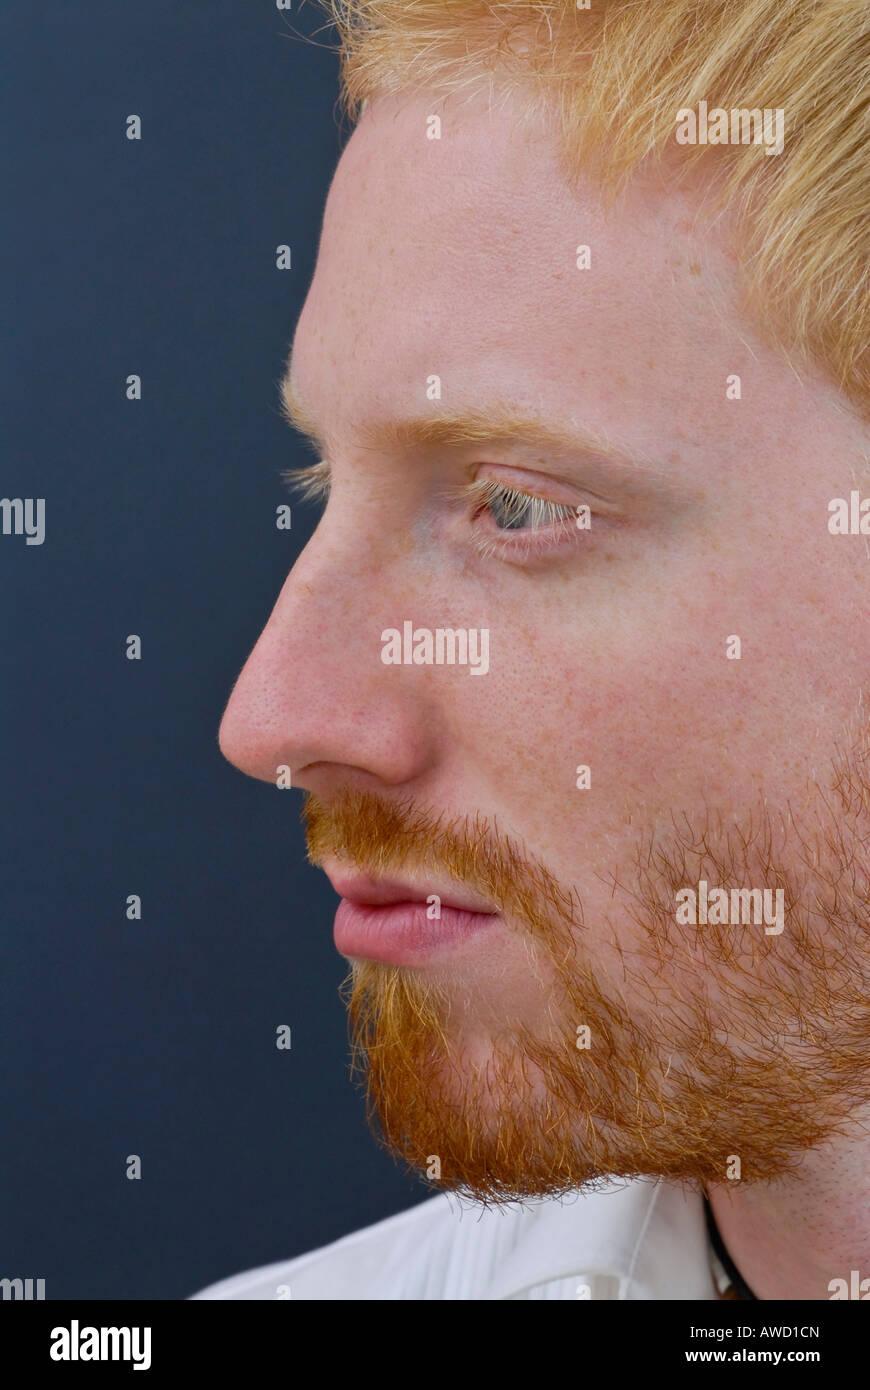 Le visage de jeune homme roux Banque D Images b1258060920